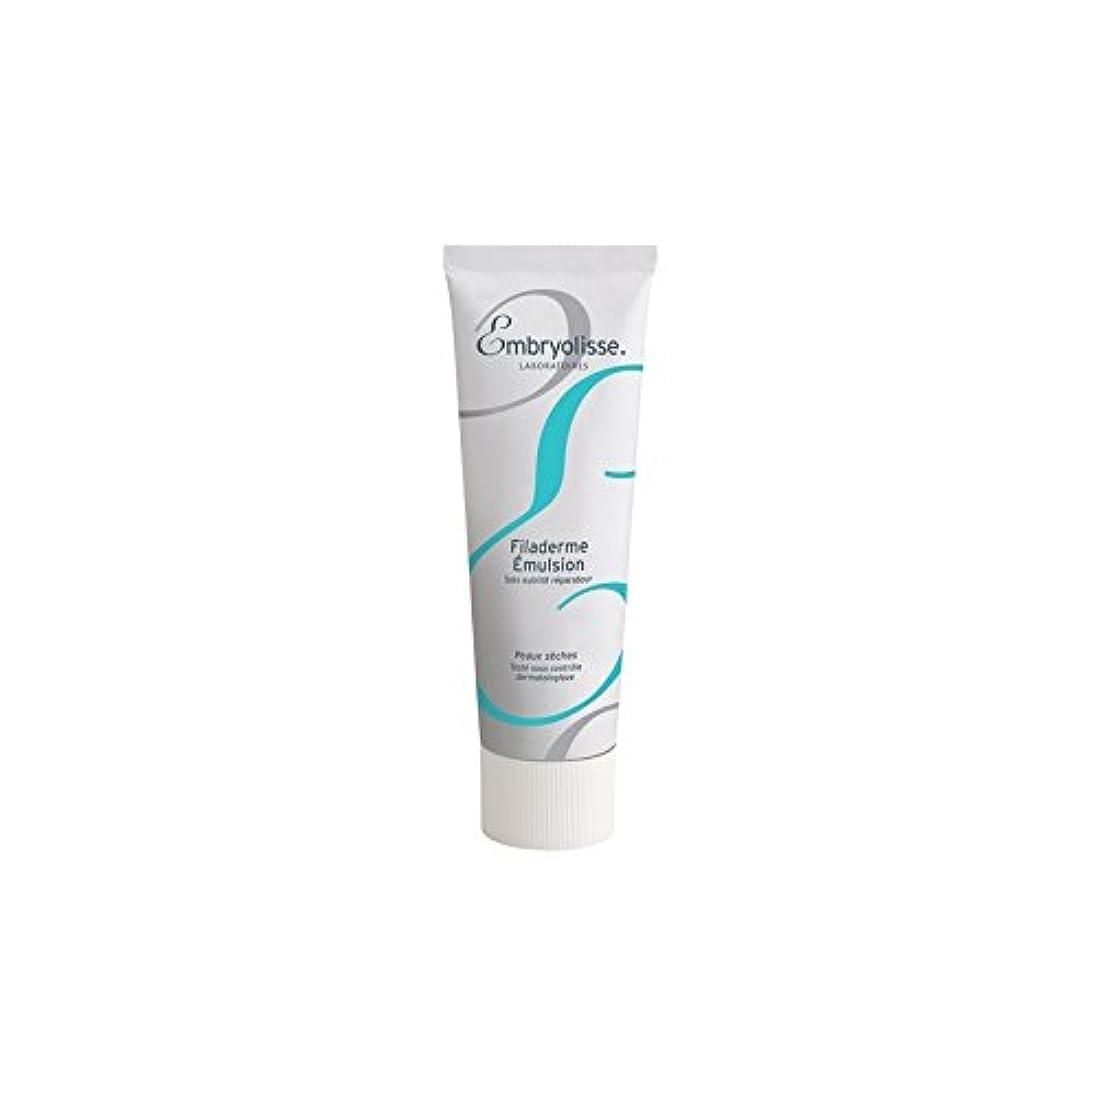 エマルジョン(75ミリリットル) x4 - Embryolisse Filaderme Emulsion (75ml) (Pack of 4) [並行輸入品]